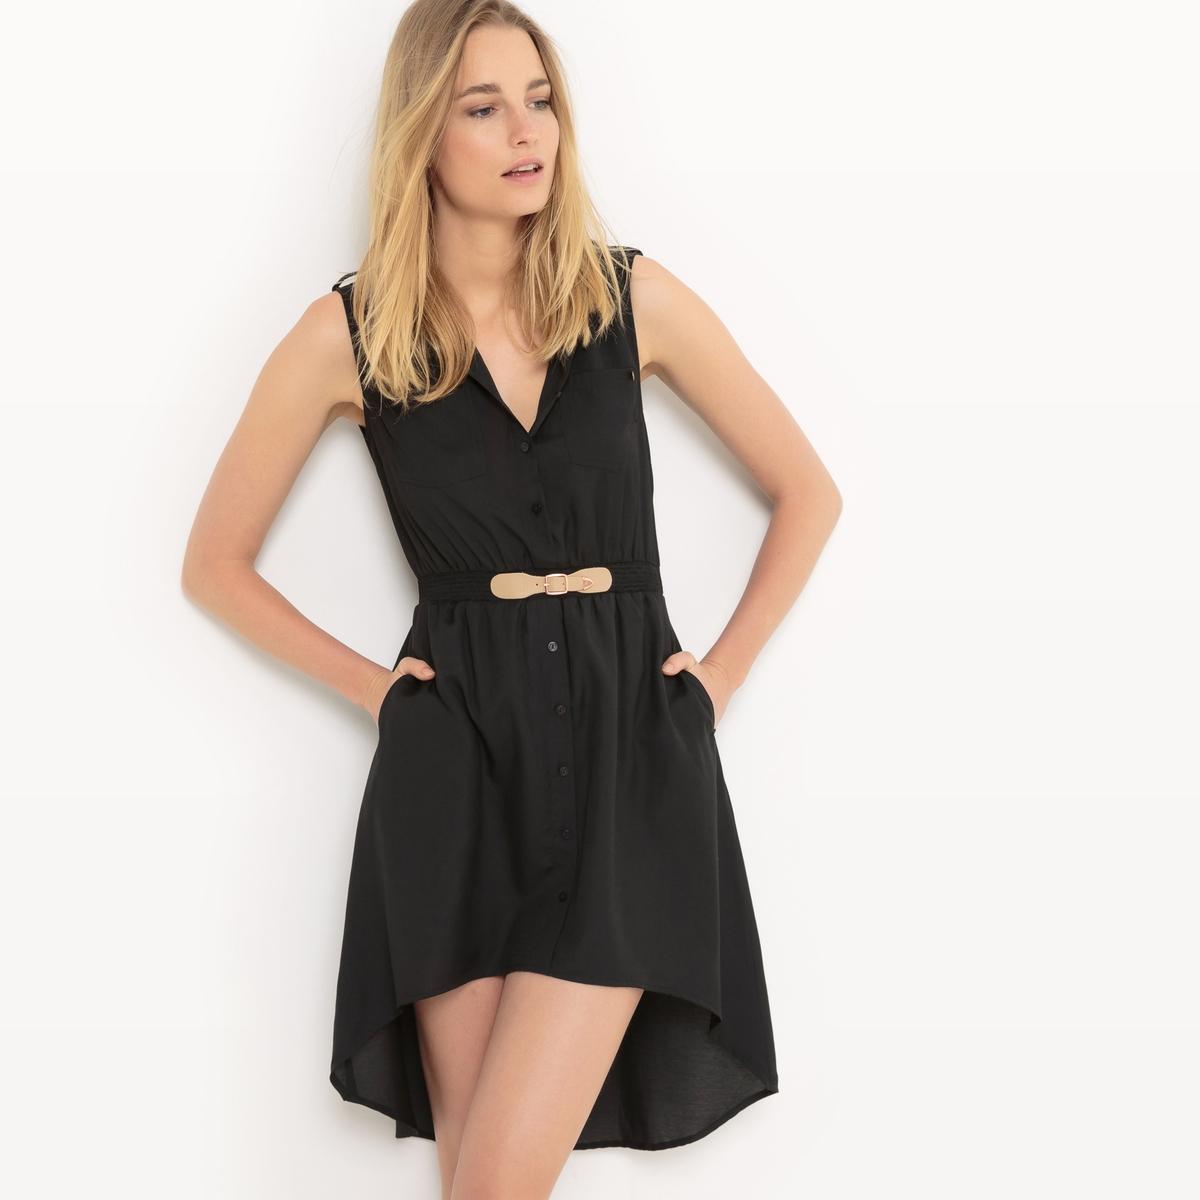 Платье короткое, без рукавов, однотонноеМатериал : 55% модала, 45% полиэстера  Длина рукава : без рукавов  Форма воротника : круглый вырез Покрой платья : платье прямого покроя   Рисунок : однотонная модель   Длина платья : укороченная модель<br><br>Цвет: черный<br>Размер: L